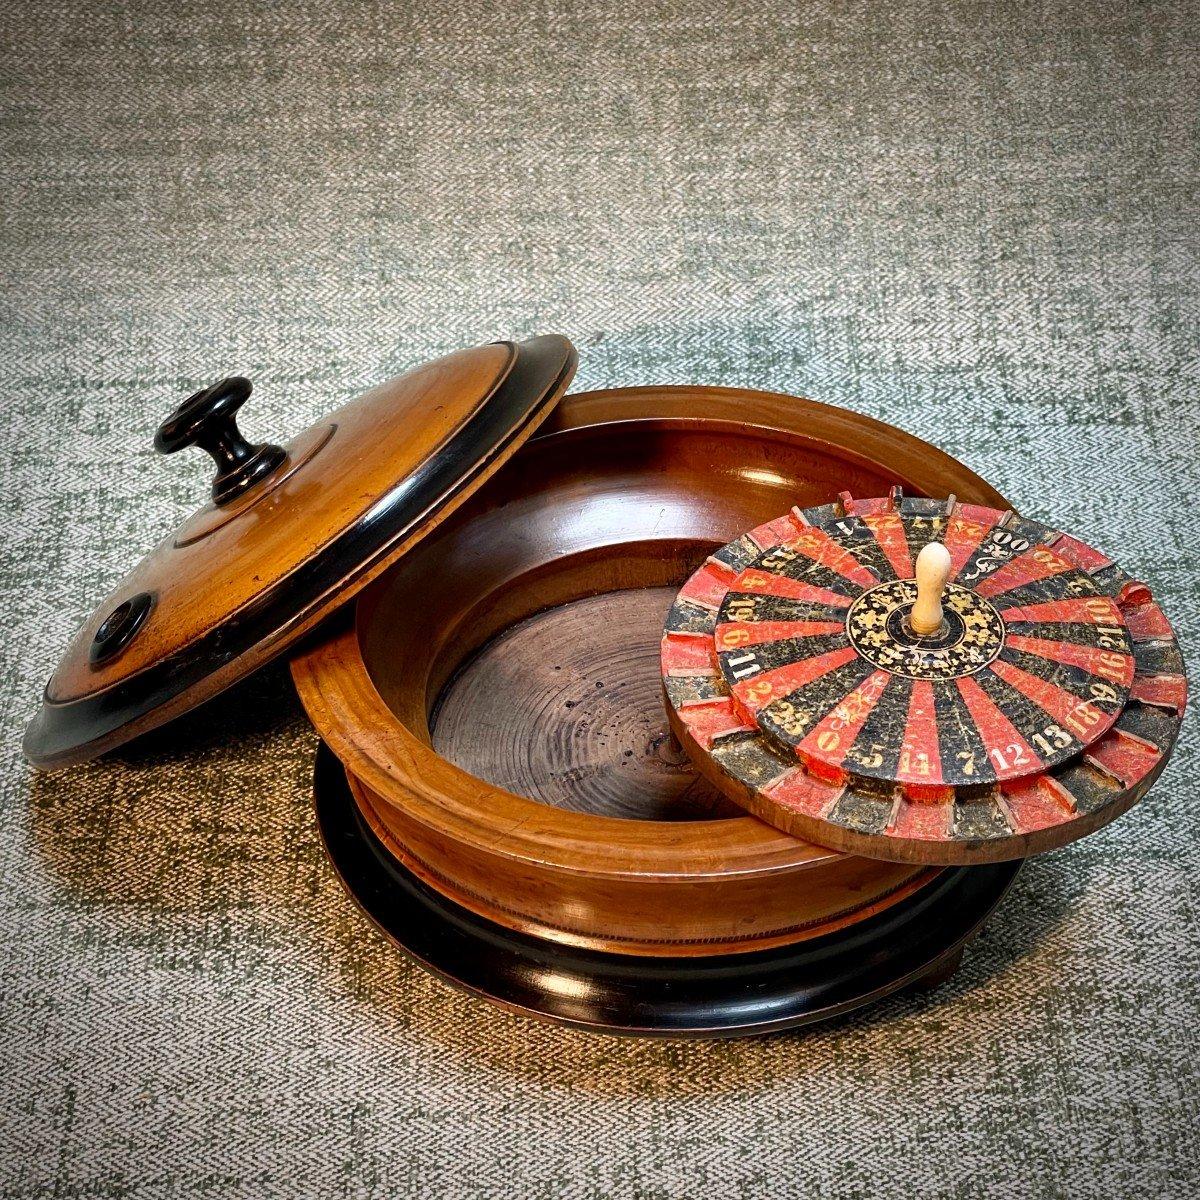 petite roulette de table 19ème-photo-2